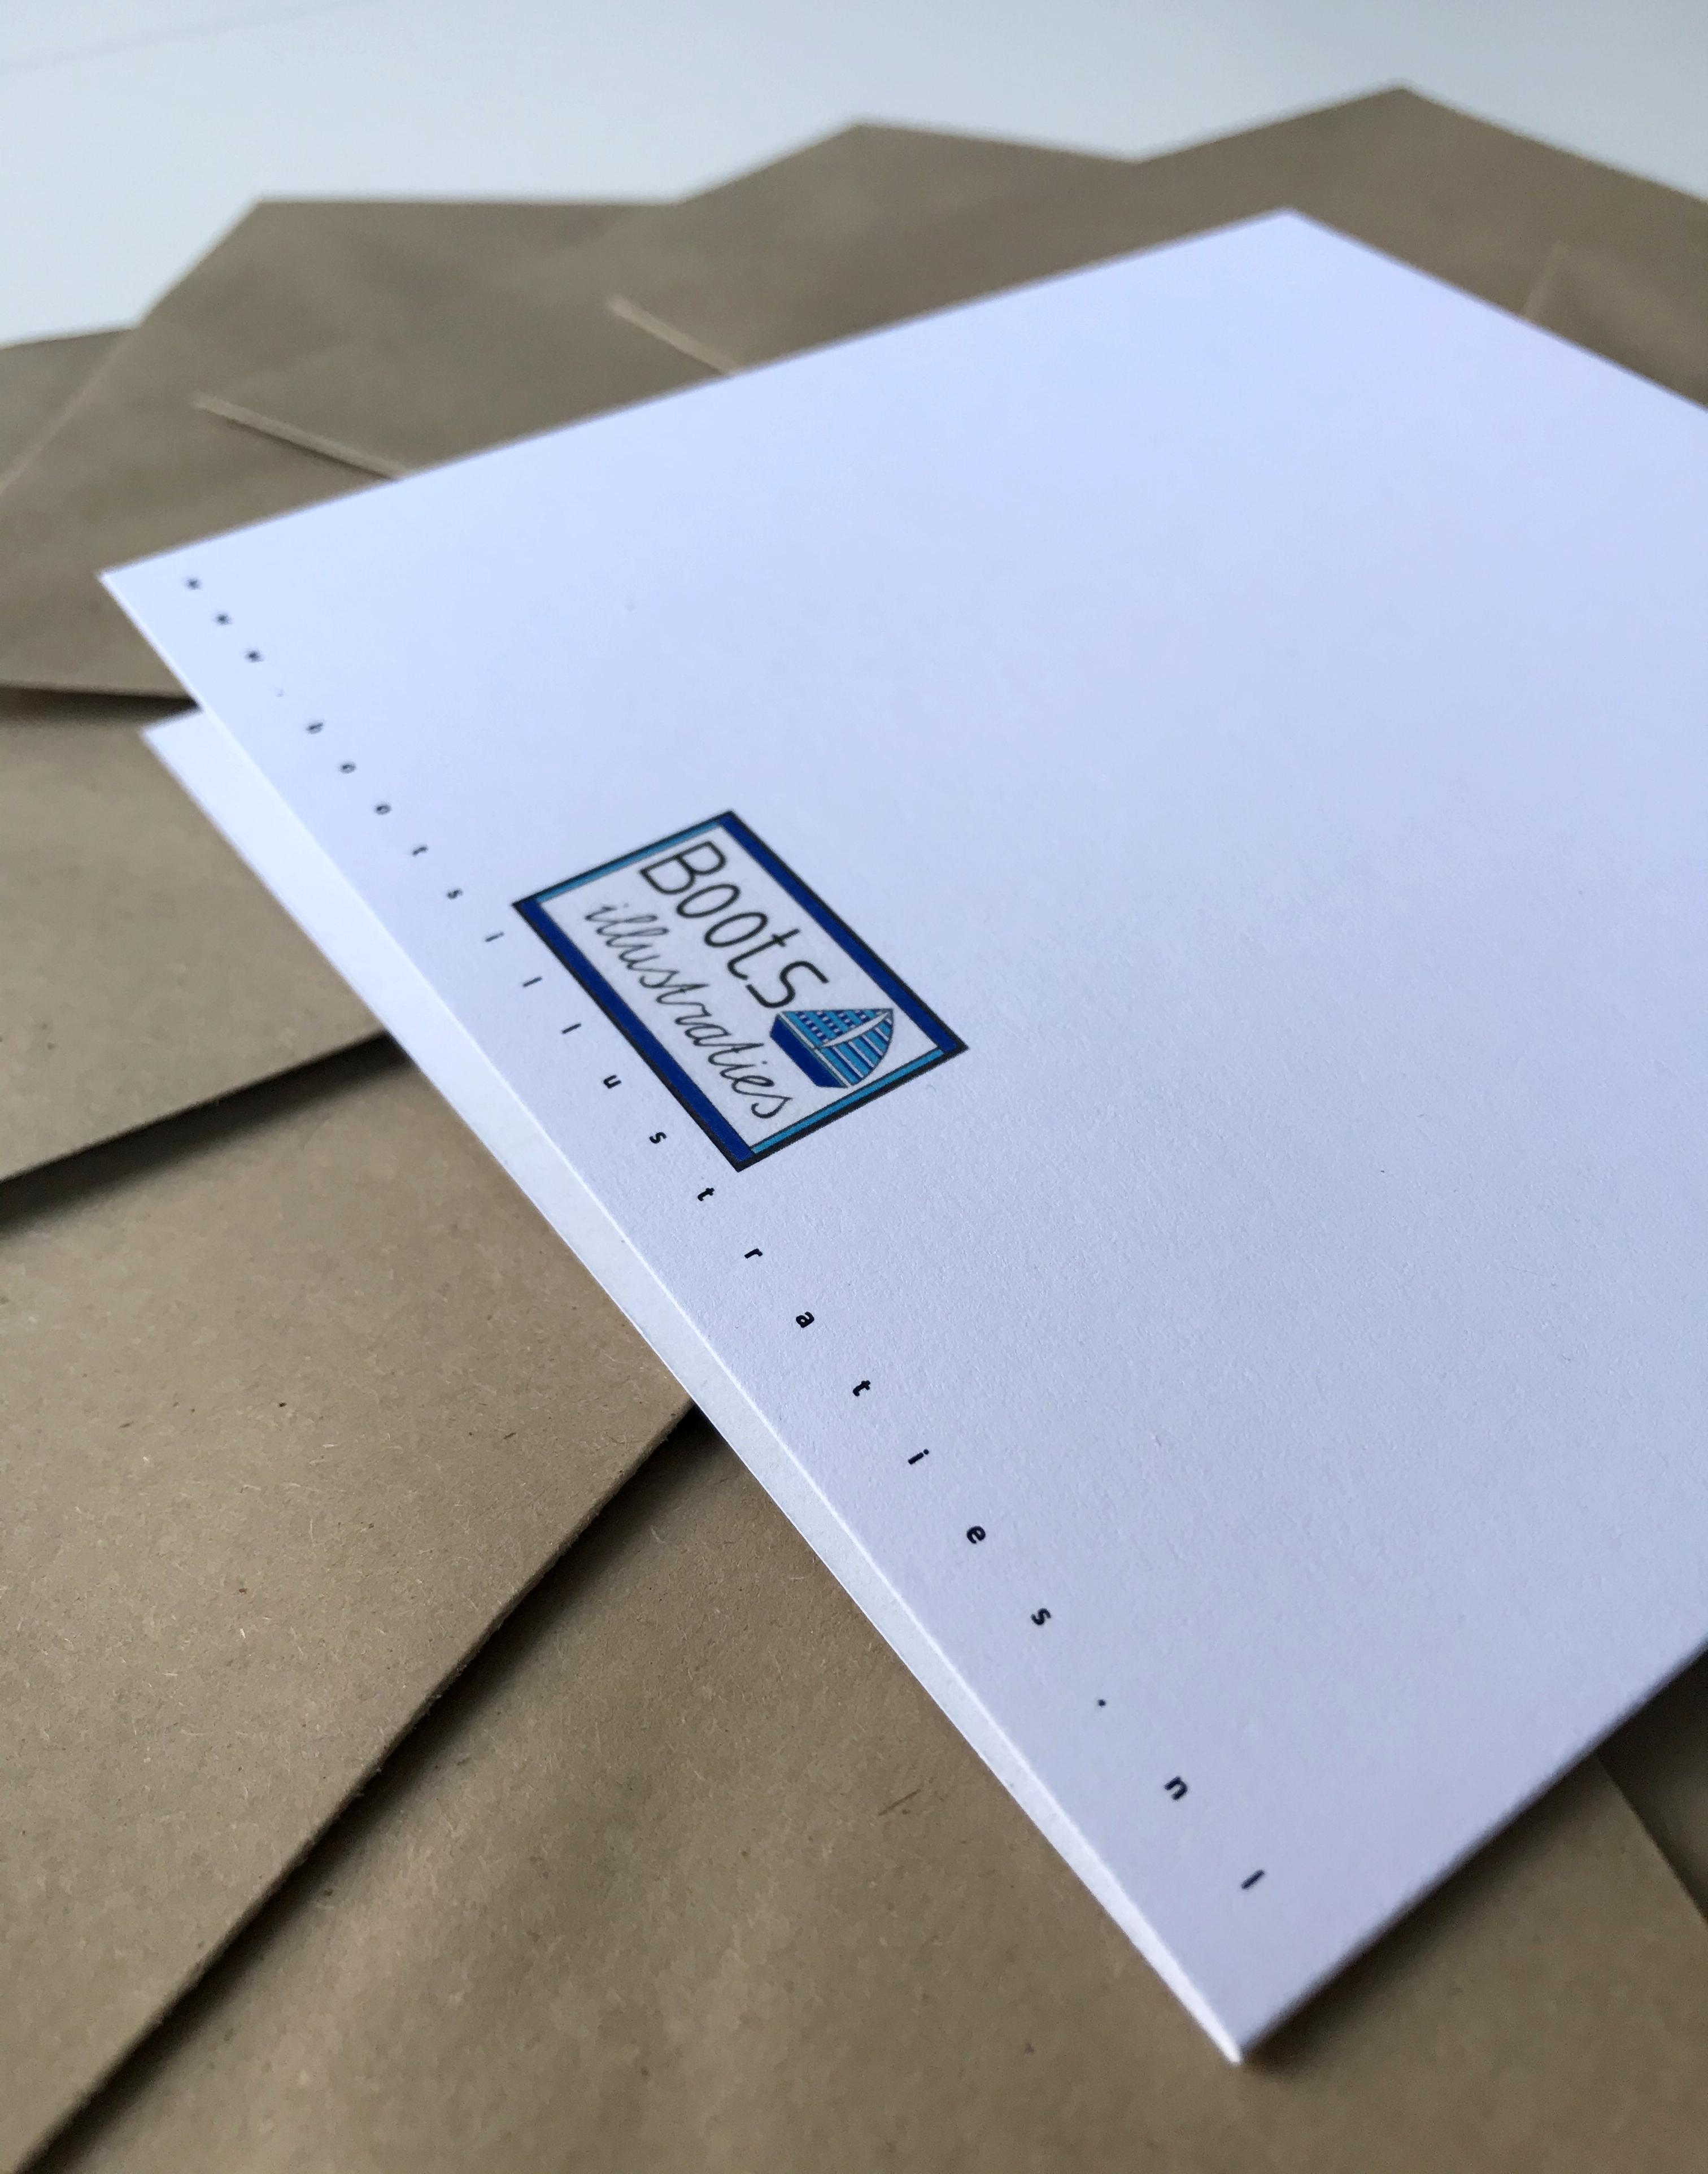 Duurzaam, trouwkaart, Boots illustraties, gerecyclede enveloppen